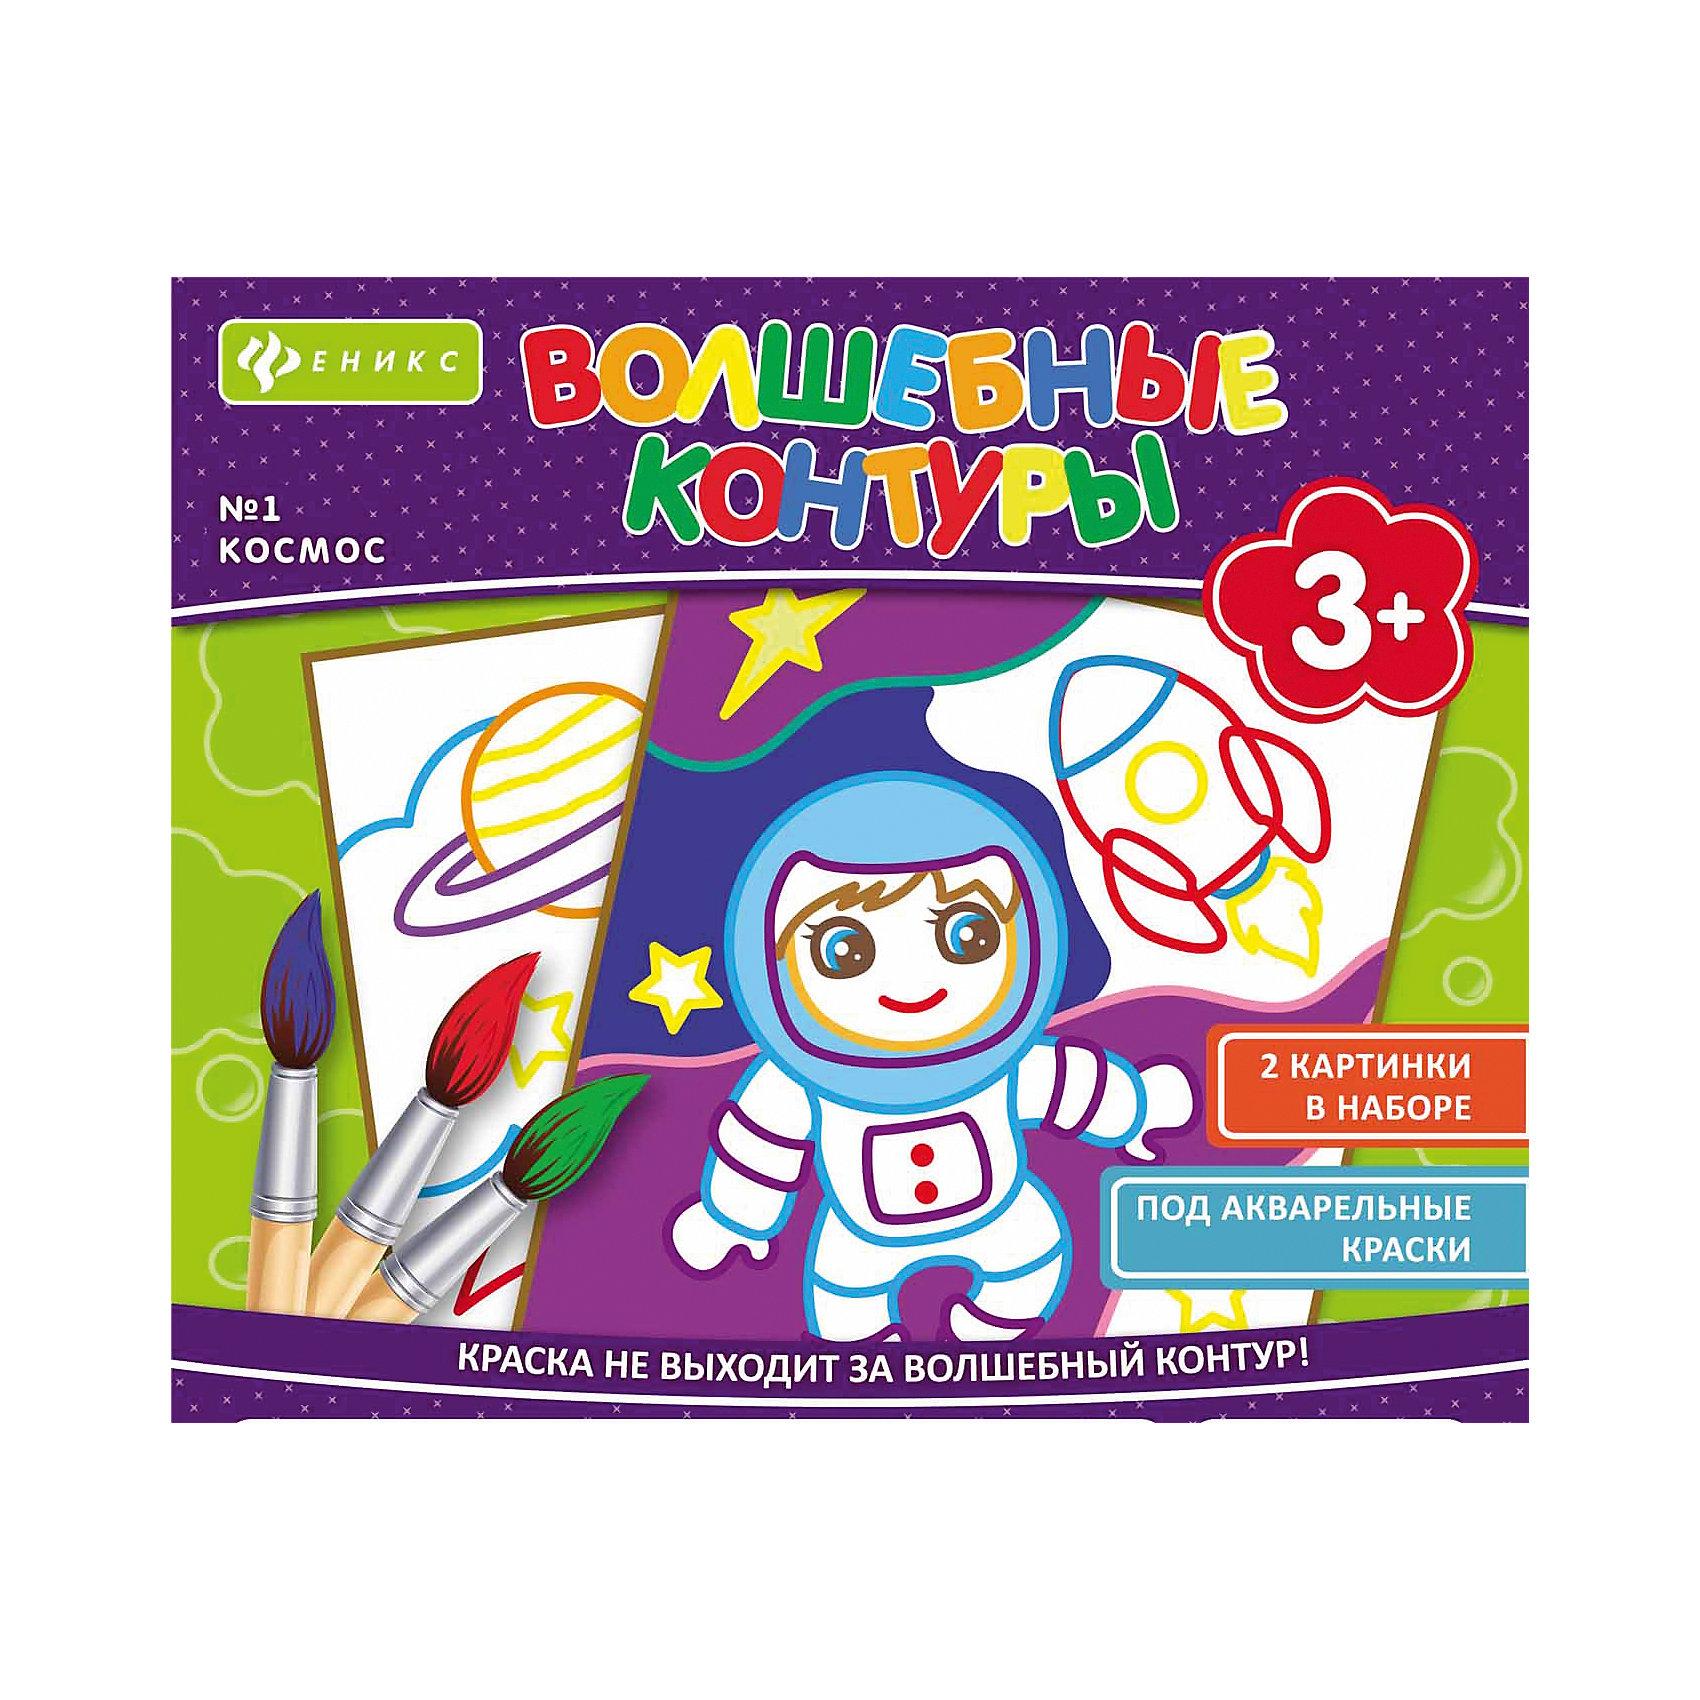 Волшебные контуры КосмосРисование<br>«Волшебный контуры»-цветные контурыотталкивают краску, а цветные линии— подсказка для ребенка каким цветом раскрашивать.<br>Раскрашивая нужные участки картинки, ребенок получитчеткиеировныеконтуры, а работа получитсяаккуратнаяи красочная. Нарисовав своими руками картинку, ребенок можетподарить ее маме, папе или бабушке!<br><br>Ширина мм: 240<br>Глубина мм: 165<br>Высота мм: 40<br>Вес г: 39<br>Возраст от месяцев: 36<br>Возраст до месяцев: 2147483647<br>Пол: Унисекс<br>Возраст: Детский<br>SKU: 5518108